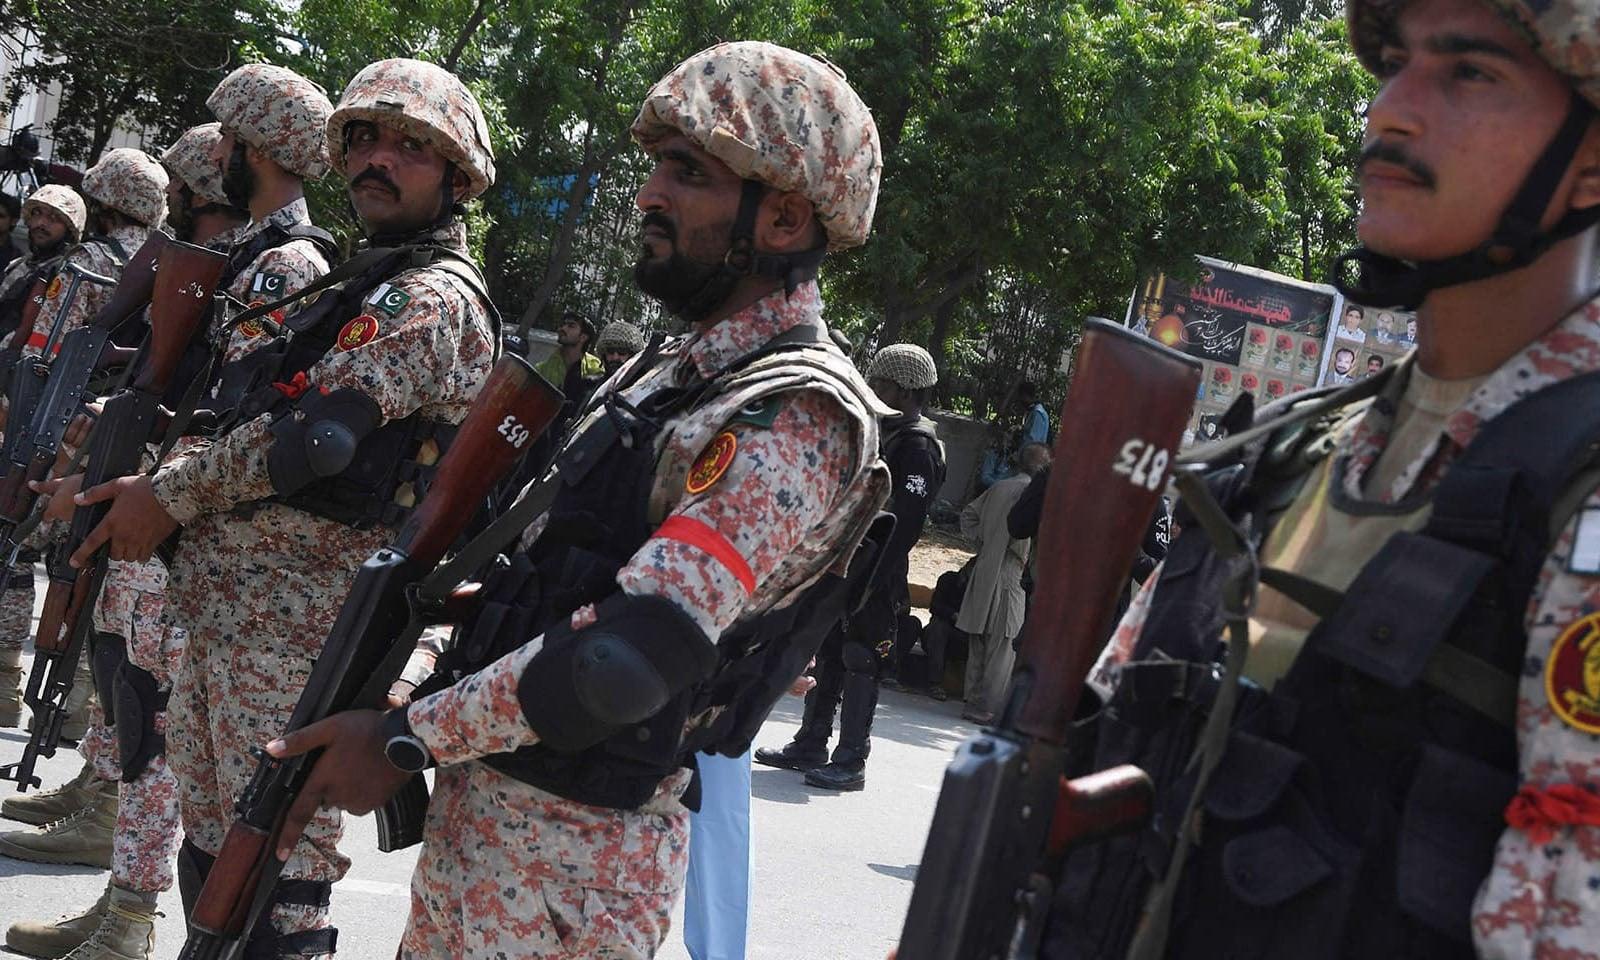 ملک بھر میں عاشورہ کے سلسلے میں سیکیورٹی ہائی الرٹ رکھی گئی تھی — فوٹو: اے ایف پی